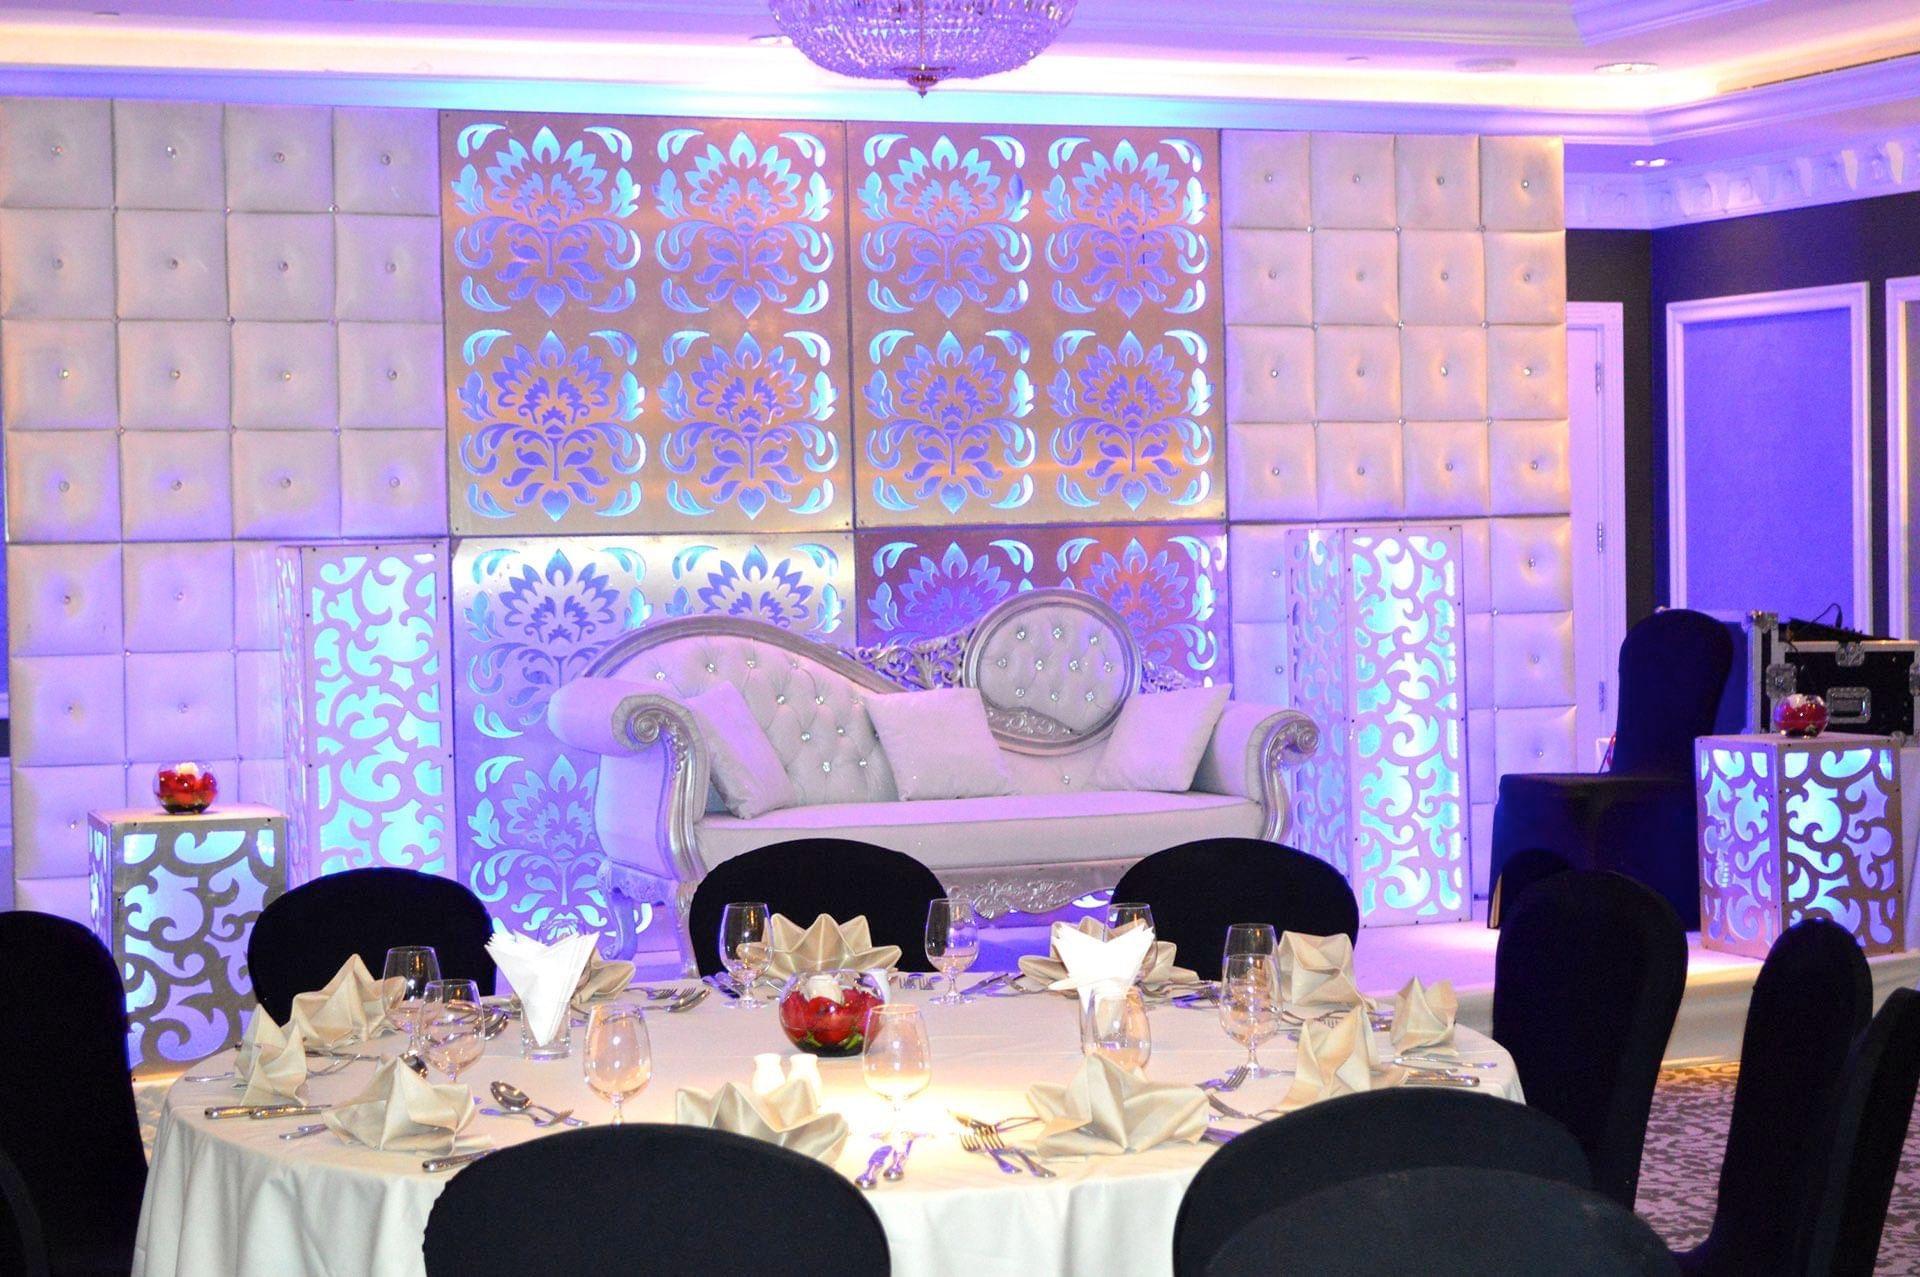 مكان لحفلات الزفاف في ورويك الدوحة